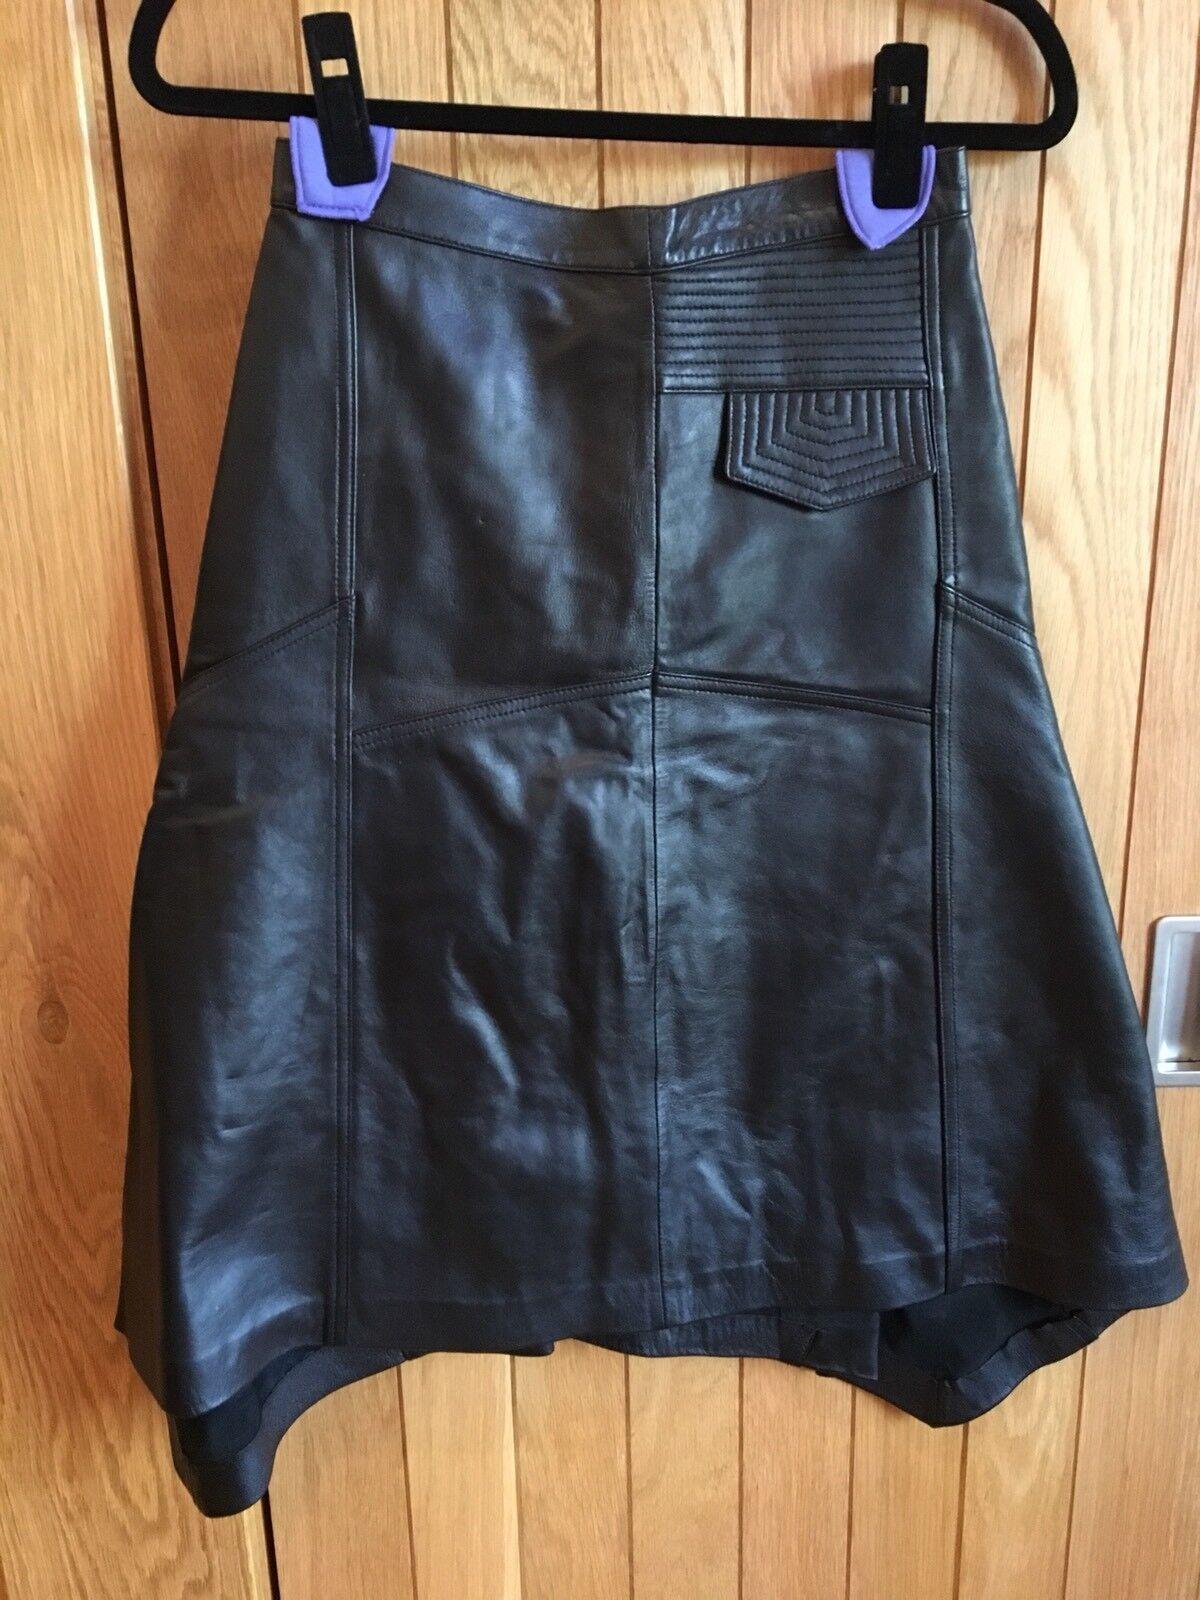 Preciosa Falda De Cuero Negro Asimétrico-Reino  Unido 6, 77 de Asia  diseño único